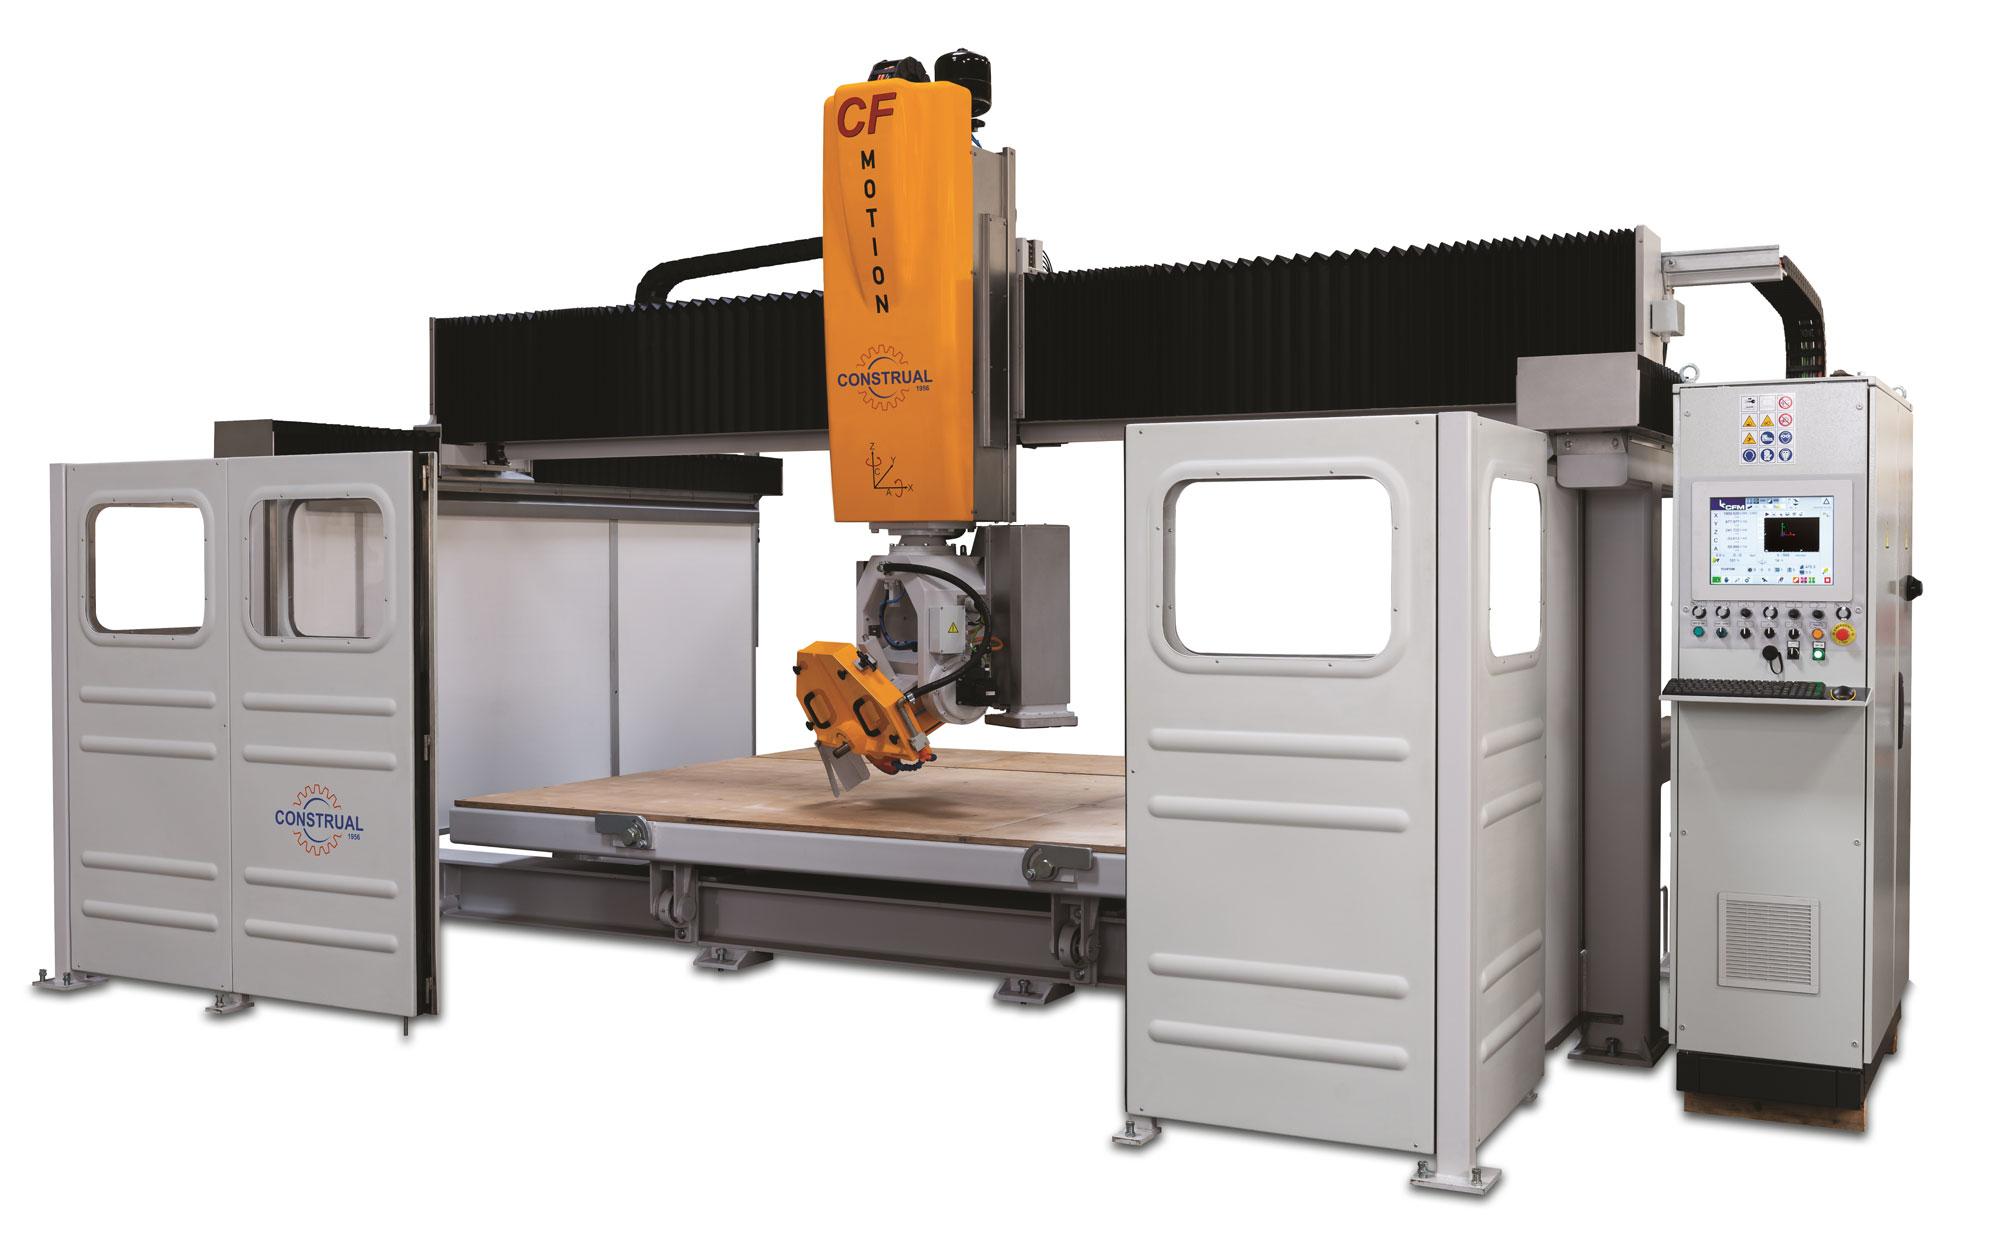 CF Motion Feist Machine Service